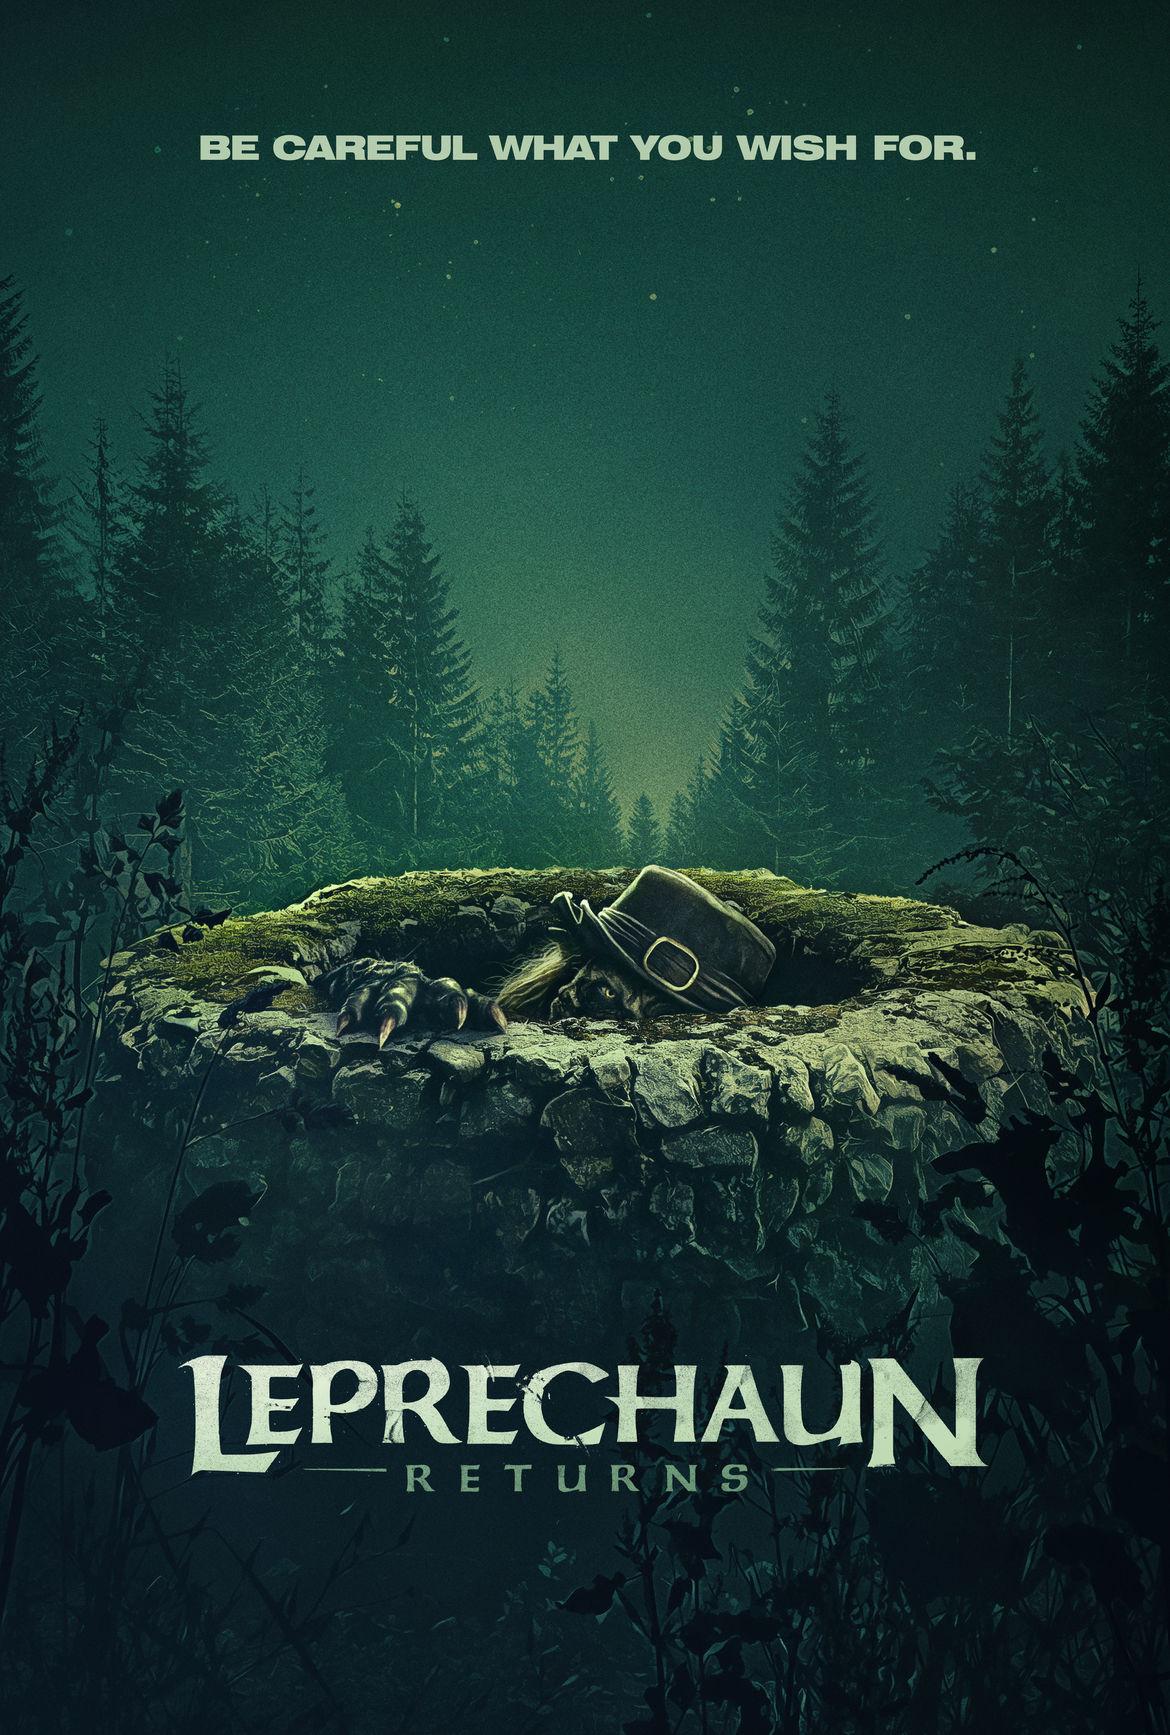 Leprechaun Returns teaser poster